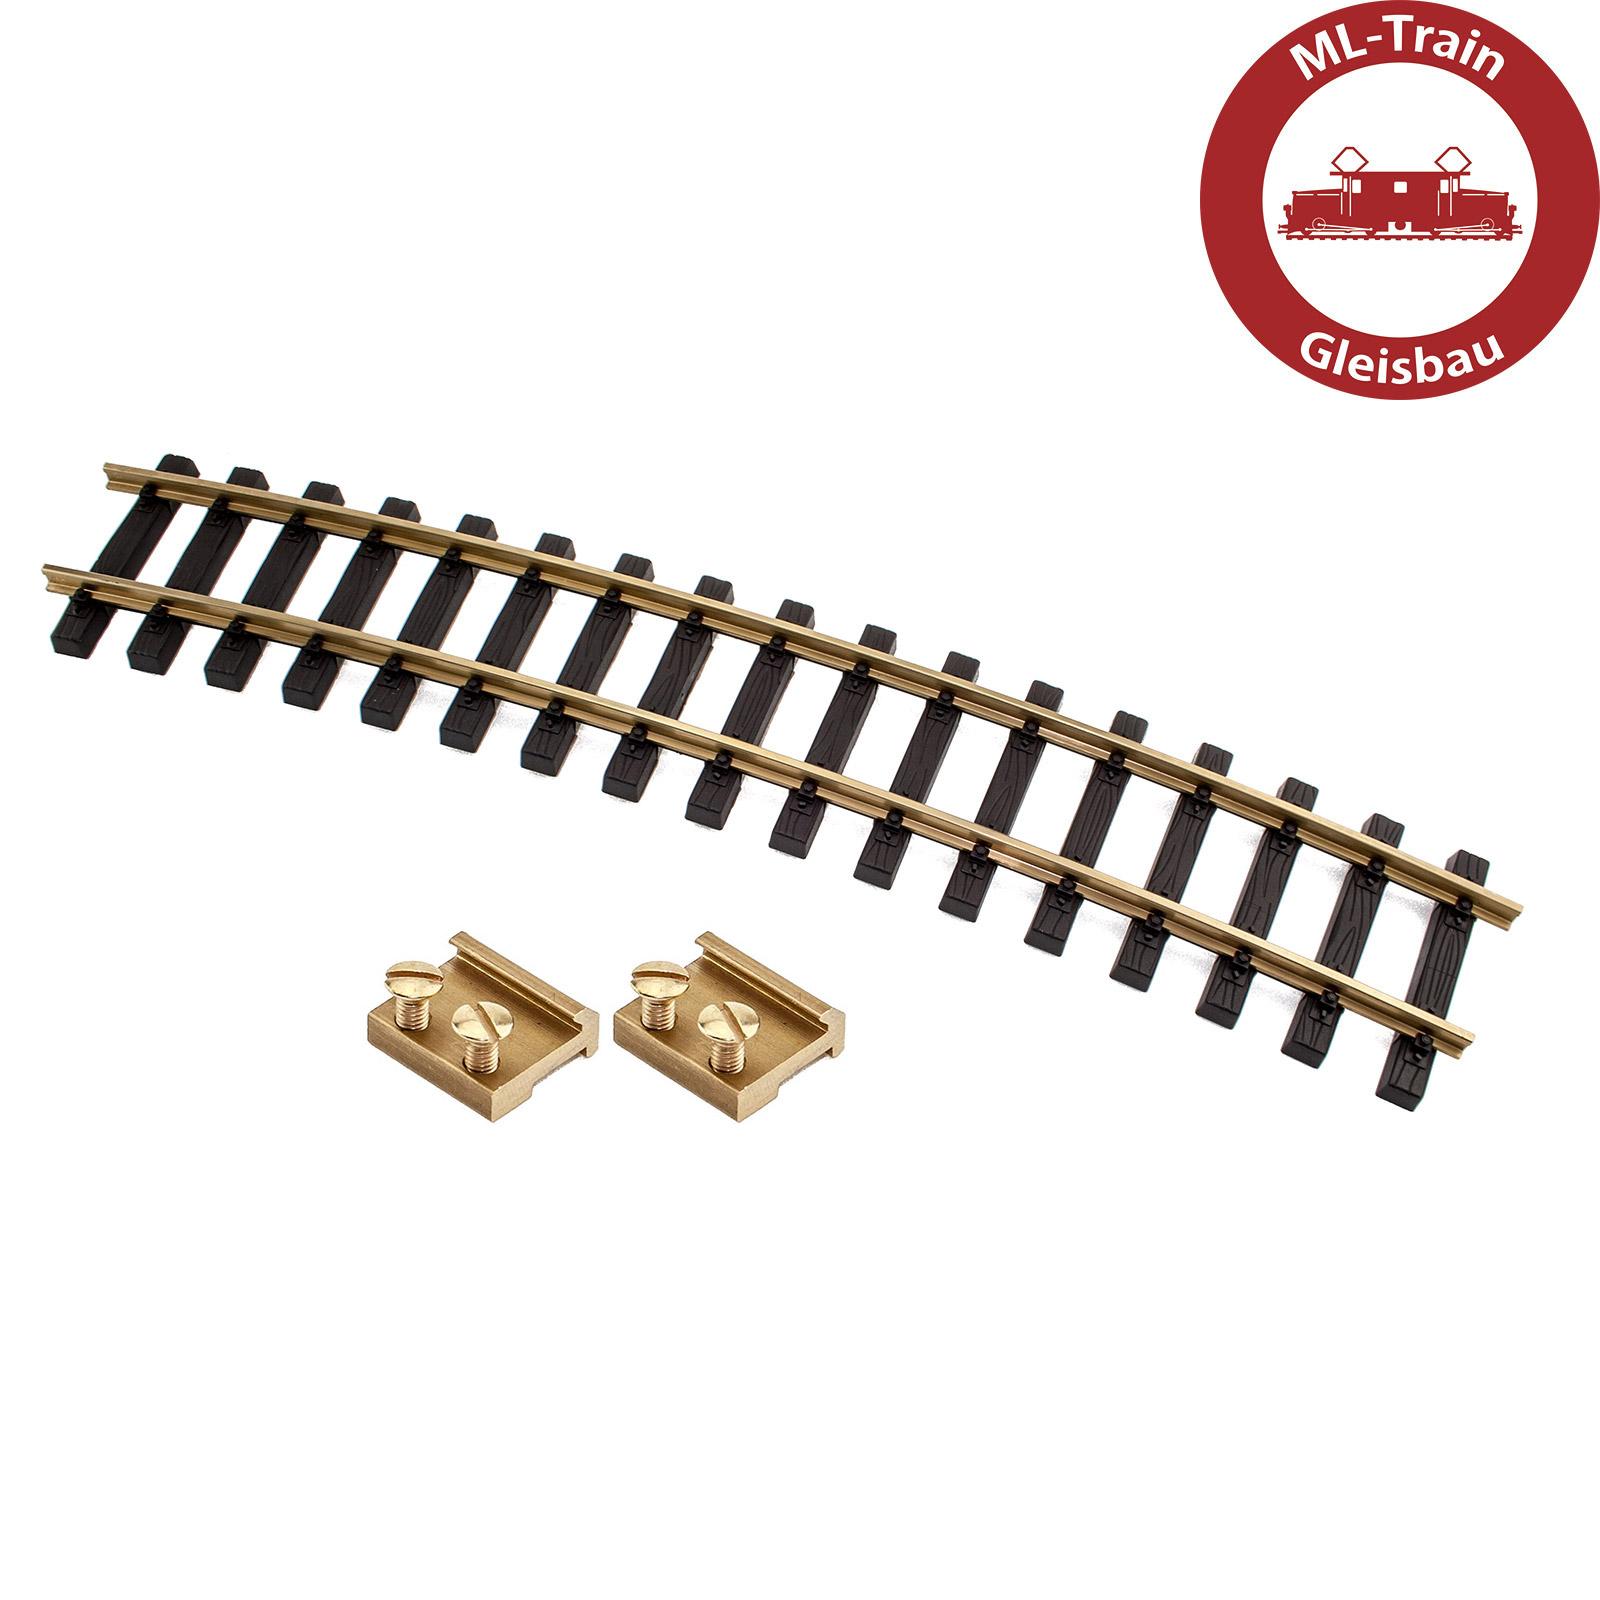 6x Gleis gerade 150 cm mit 12x Schraub-Verbinder für Spur-G ML-Train 8911502 NEU